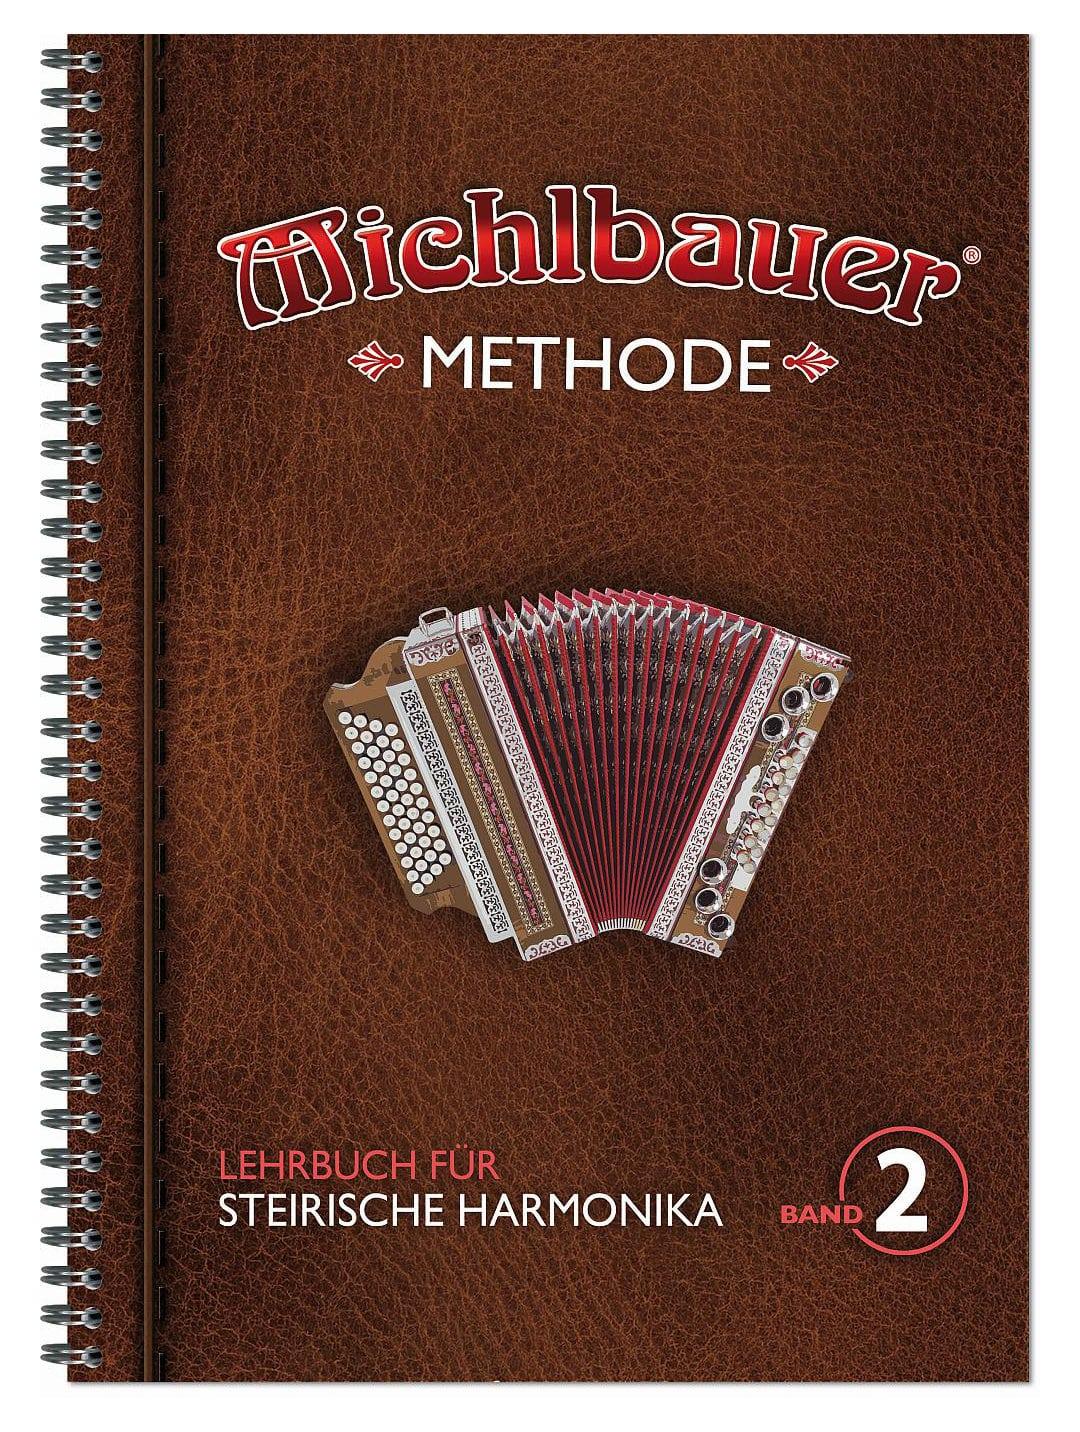 Akkordeonlernen - Die Michlbauer Methode 2 - Onlineshop Musikhaus Kirstein